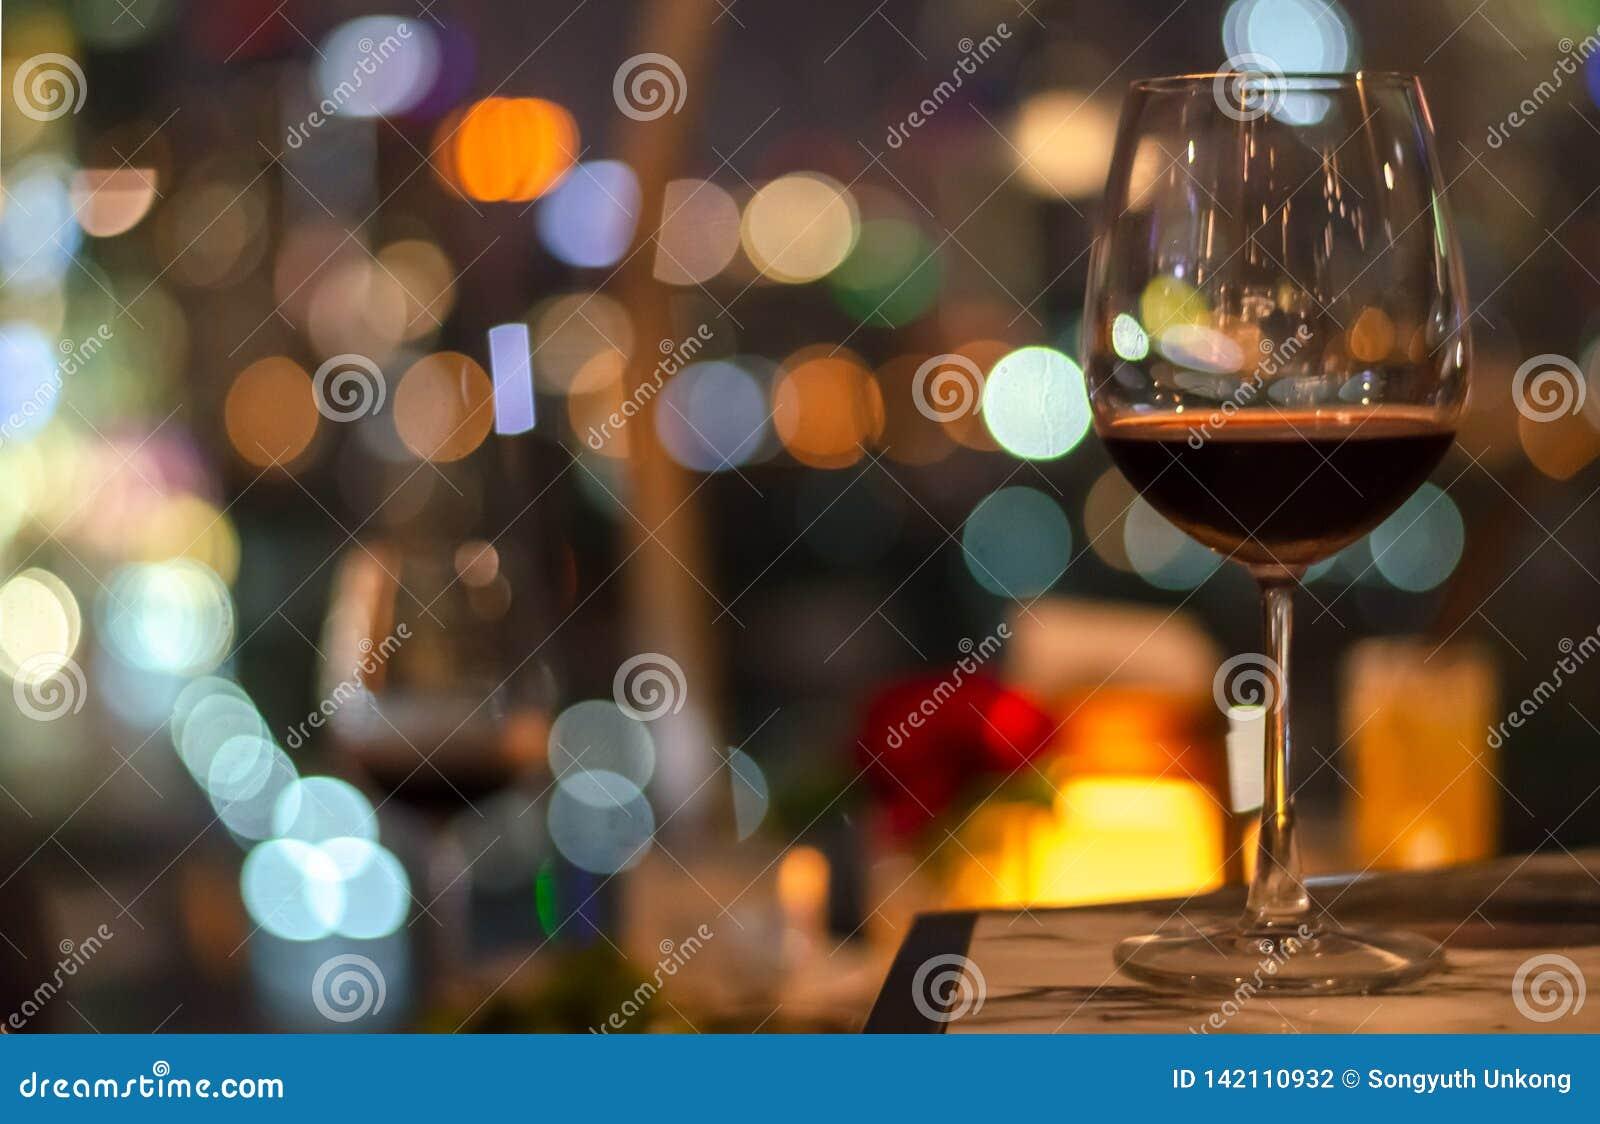 一杯在屋顶酒吧桌上的红酒